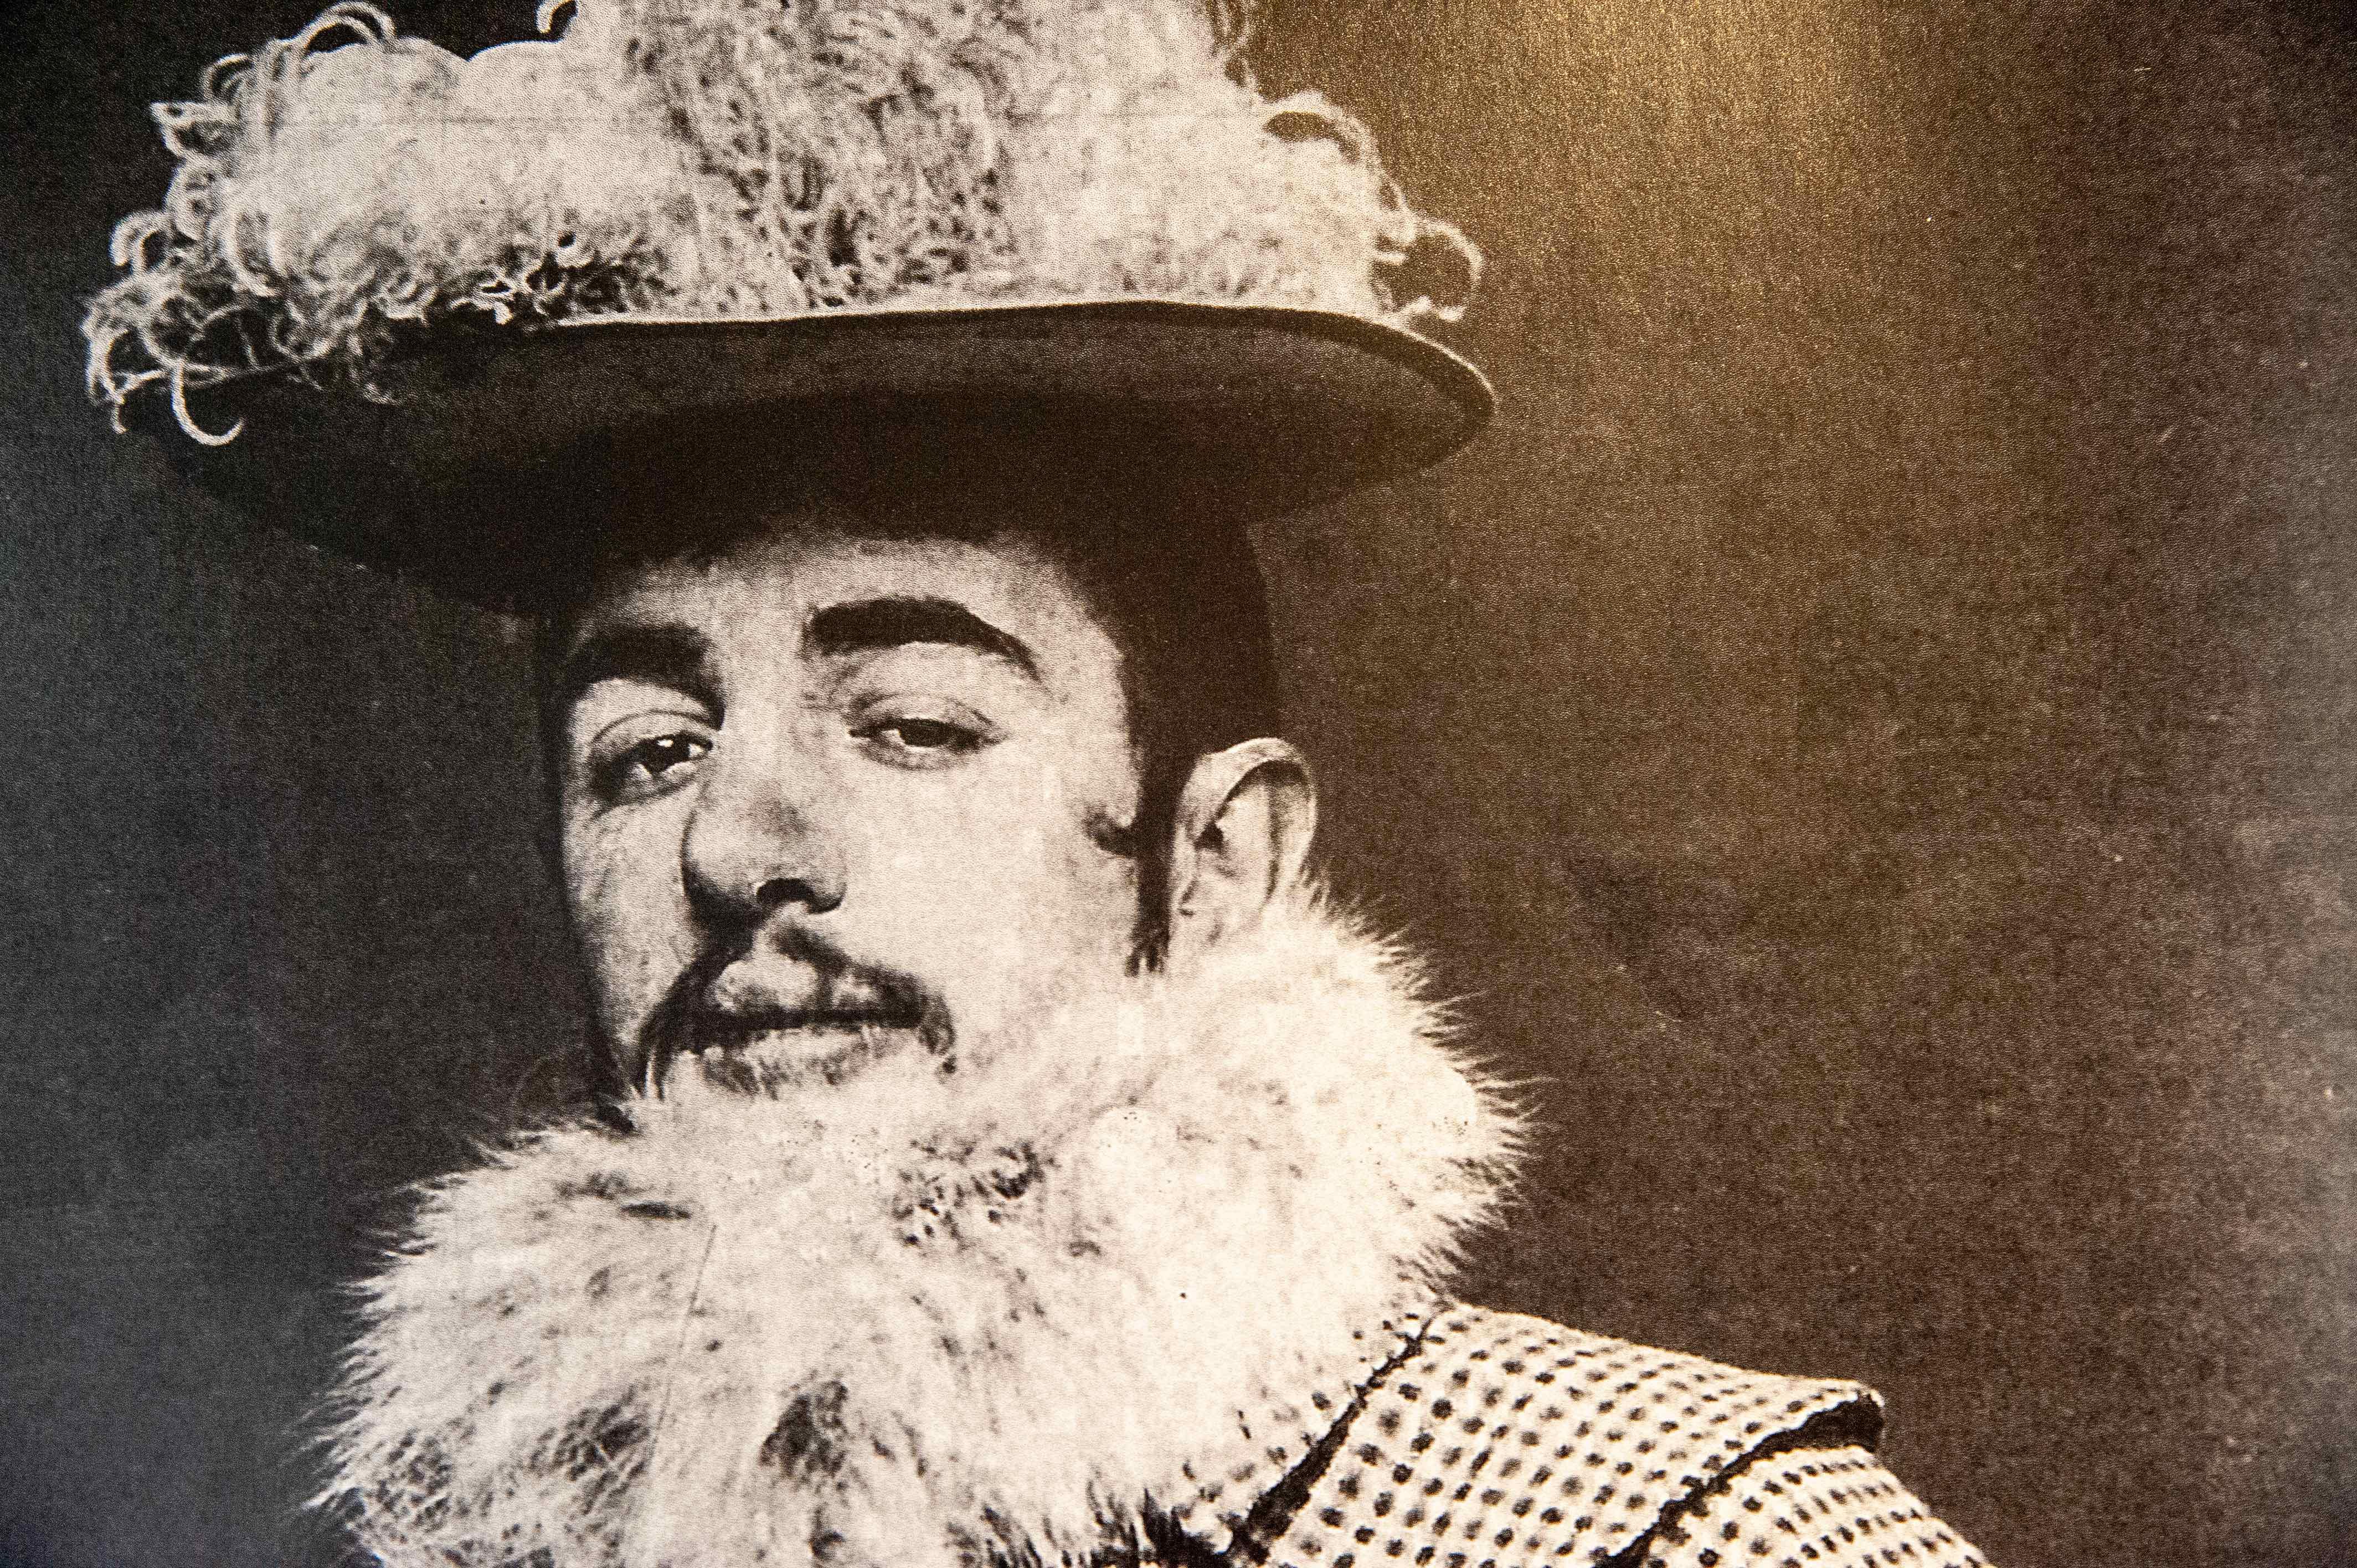 Portrait de Toulouse-Lautrec, musee d'Albi